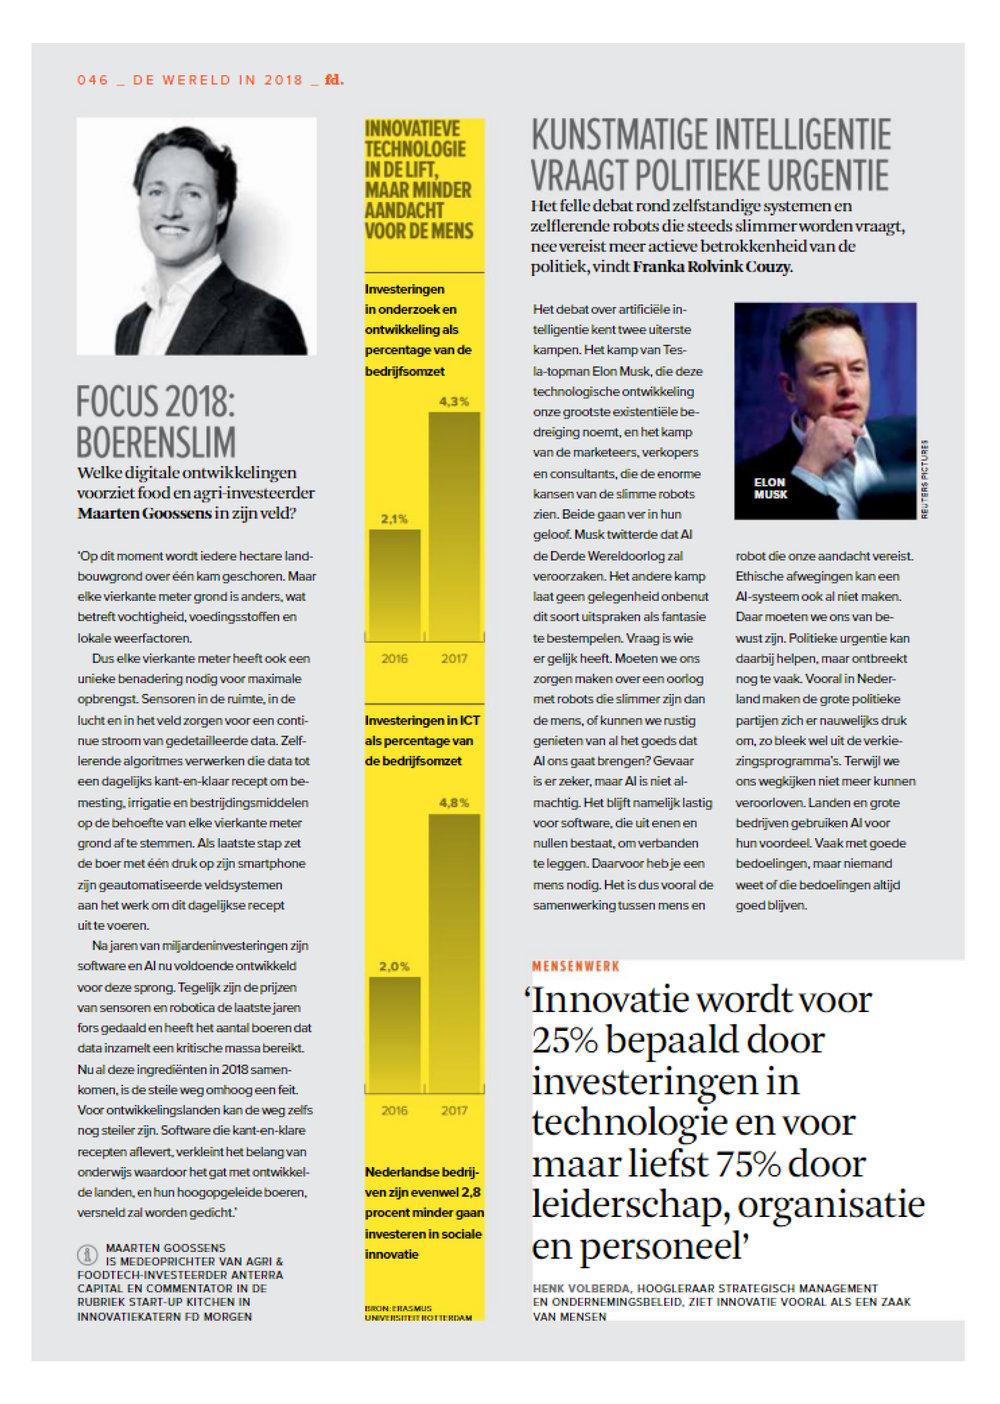 De Wereld in 2018 _ Het Financieele Dagblad_Boerenslim.jpg